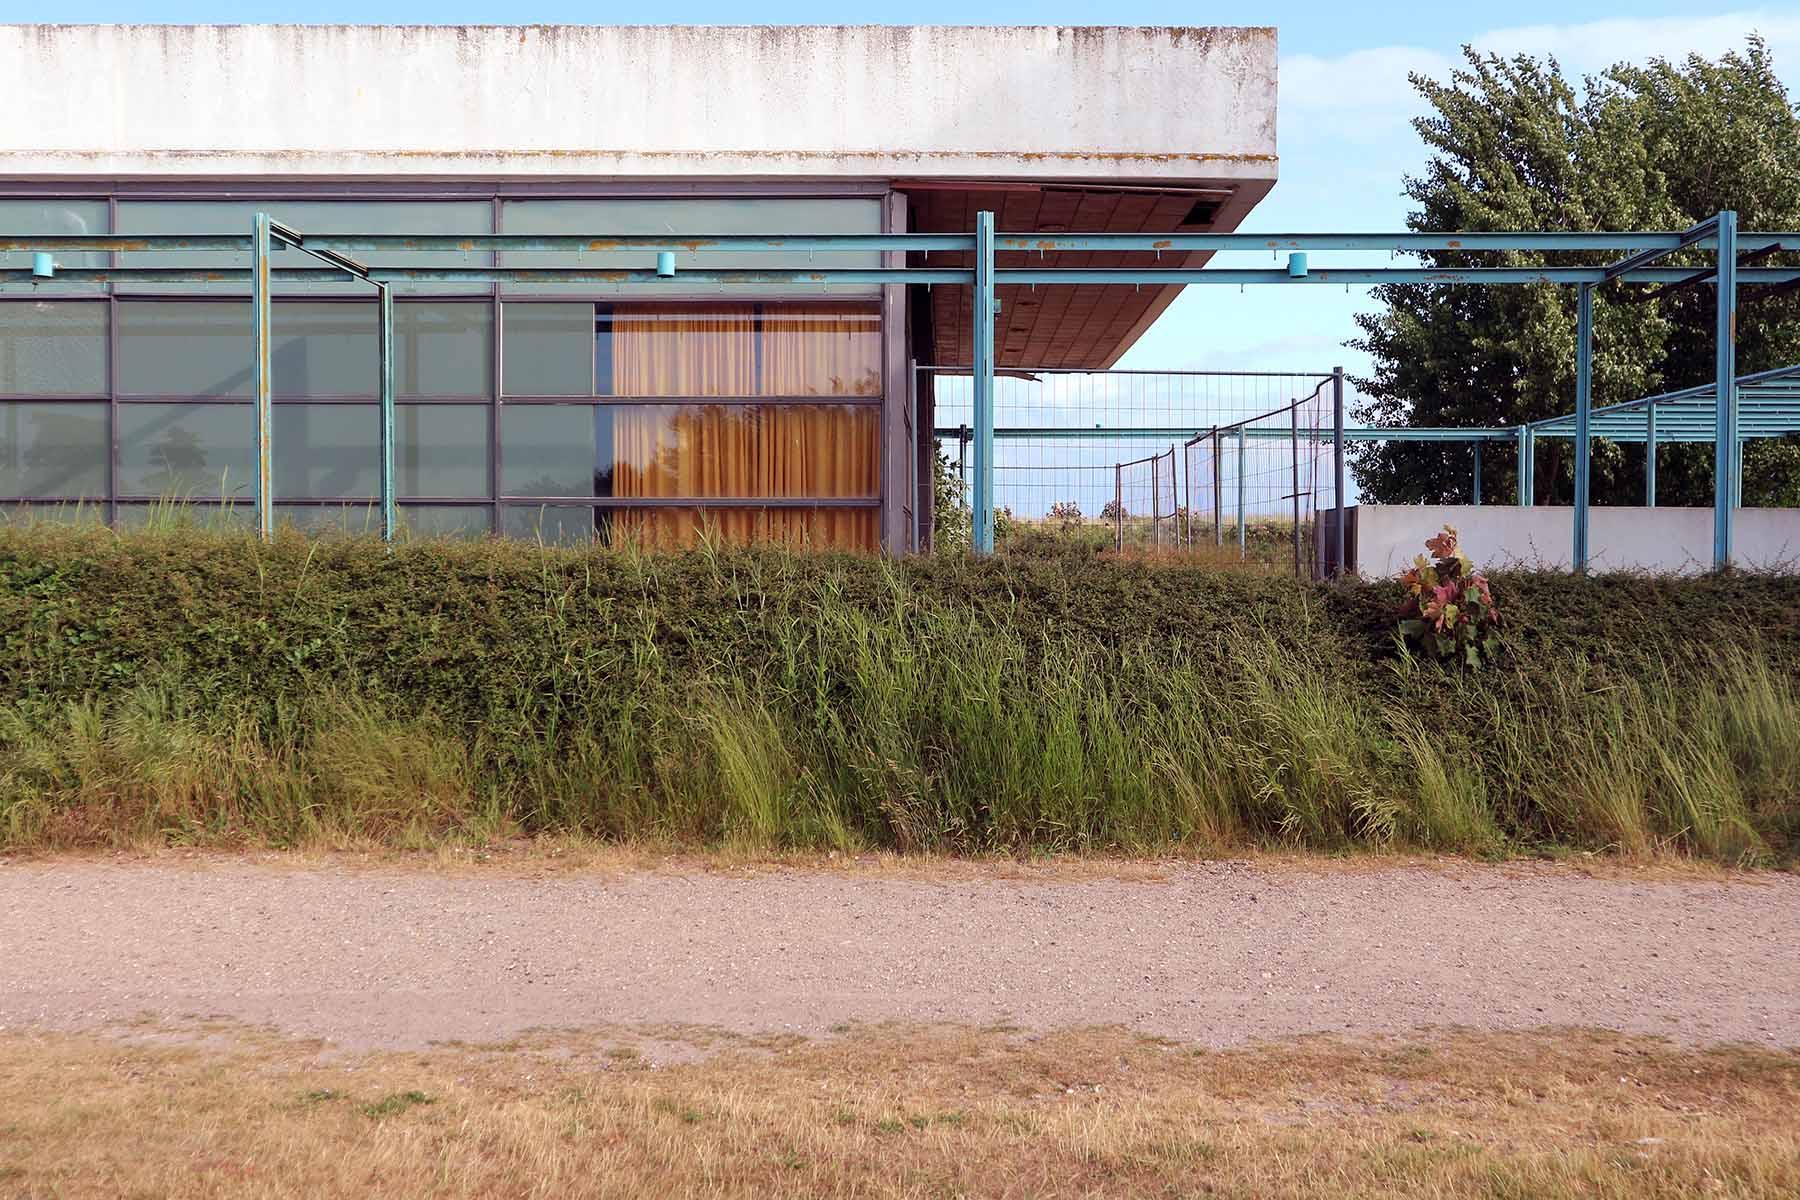 Haus des Gastes. Gebäude und Umfeld wirken vernachlässigt. Das abgesperrte Gebäude wird für temporäre Veranstaltungen genutzt.